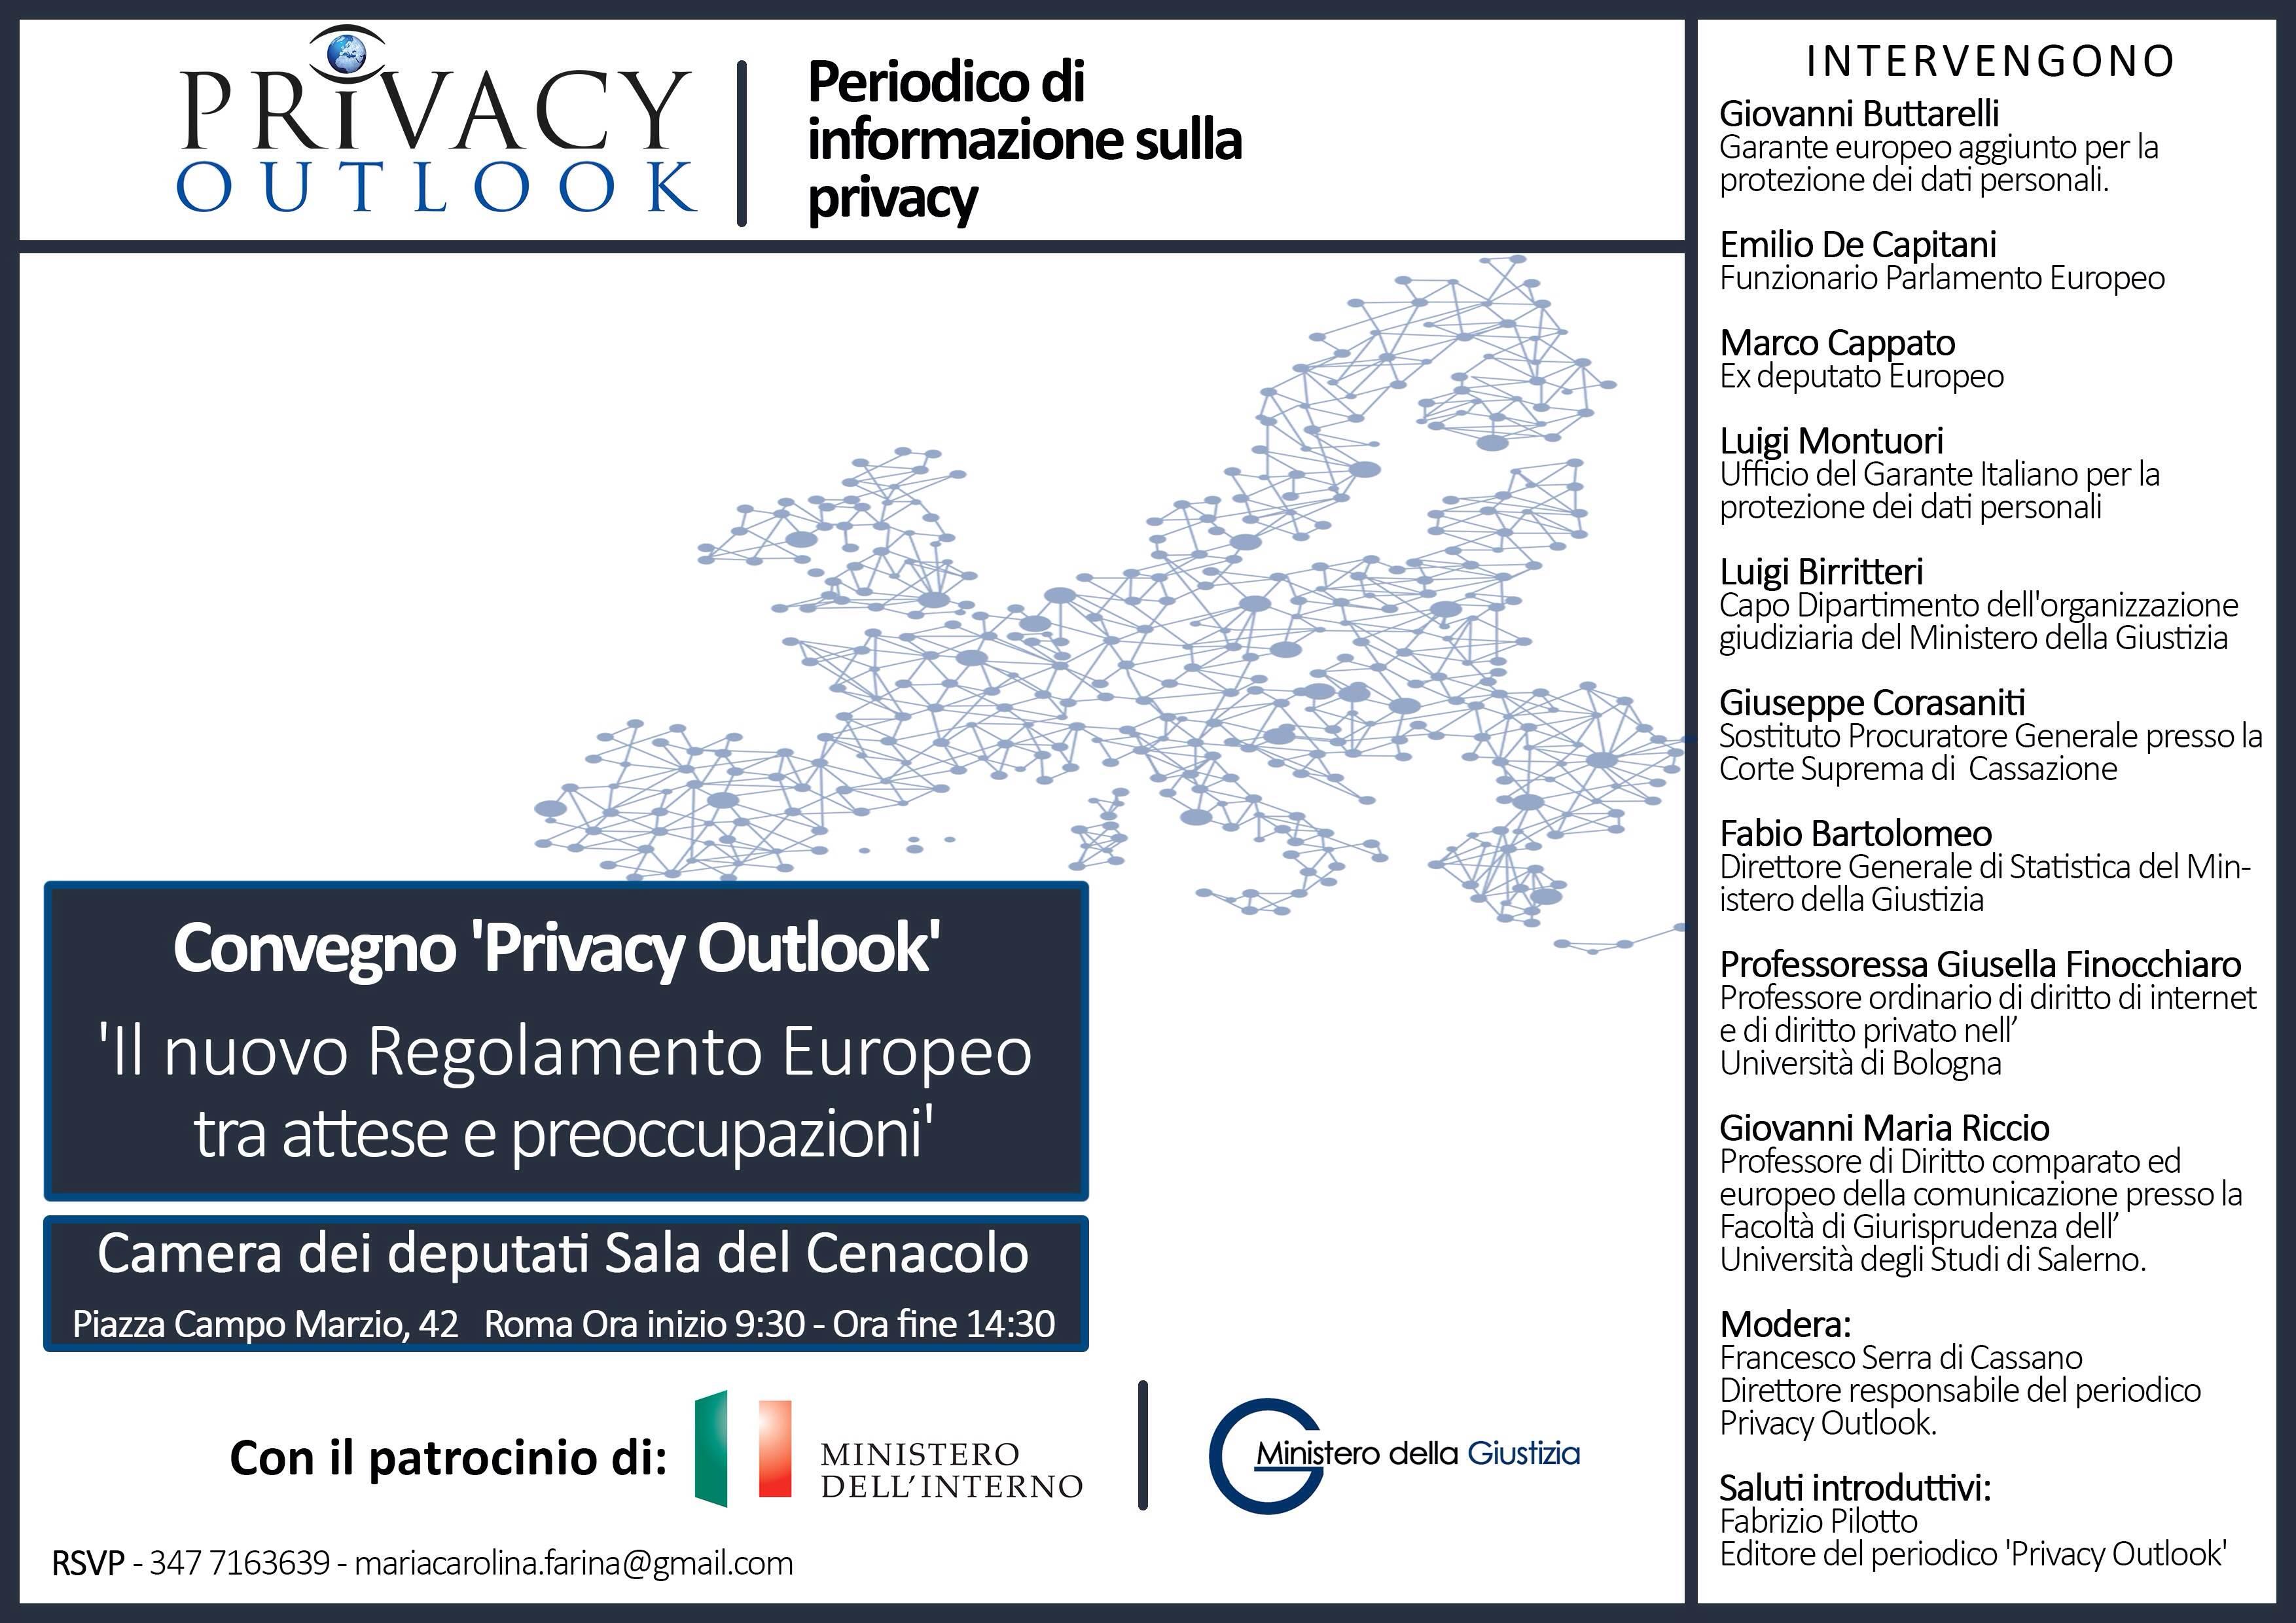 PrivacyOutlook_20140224